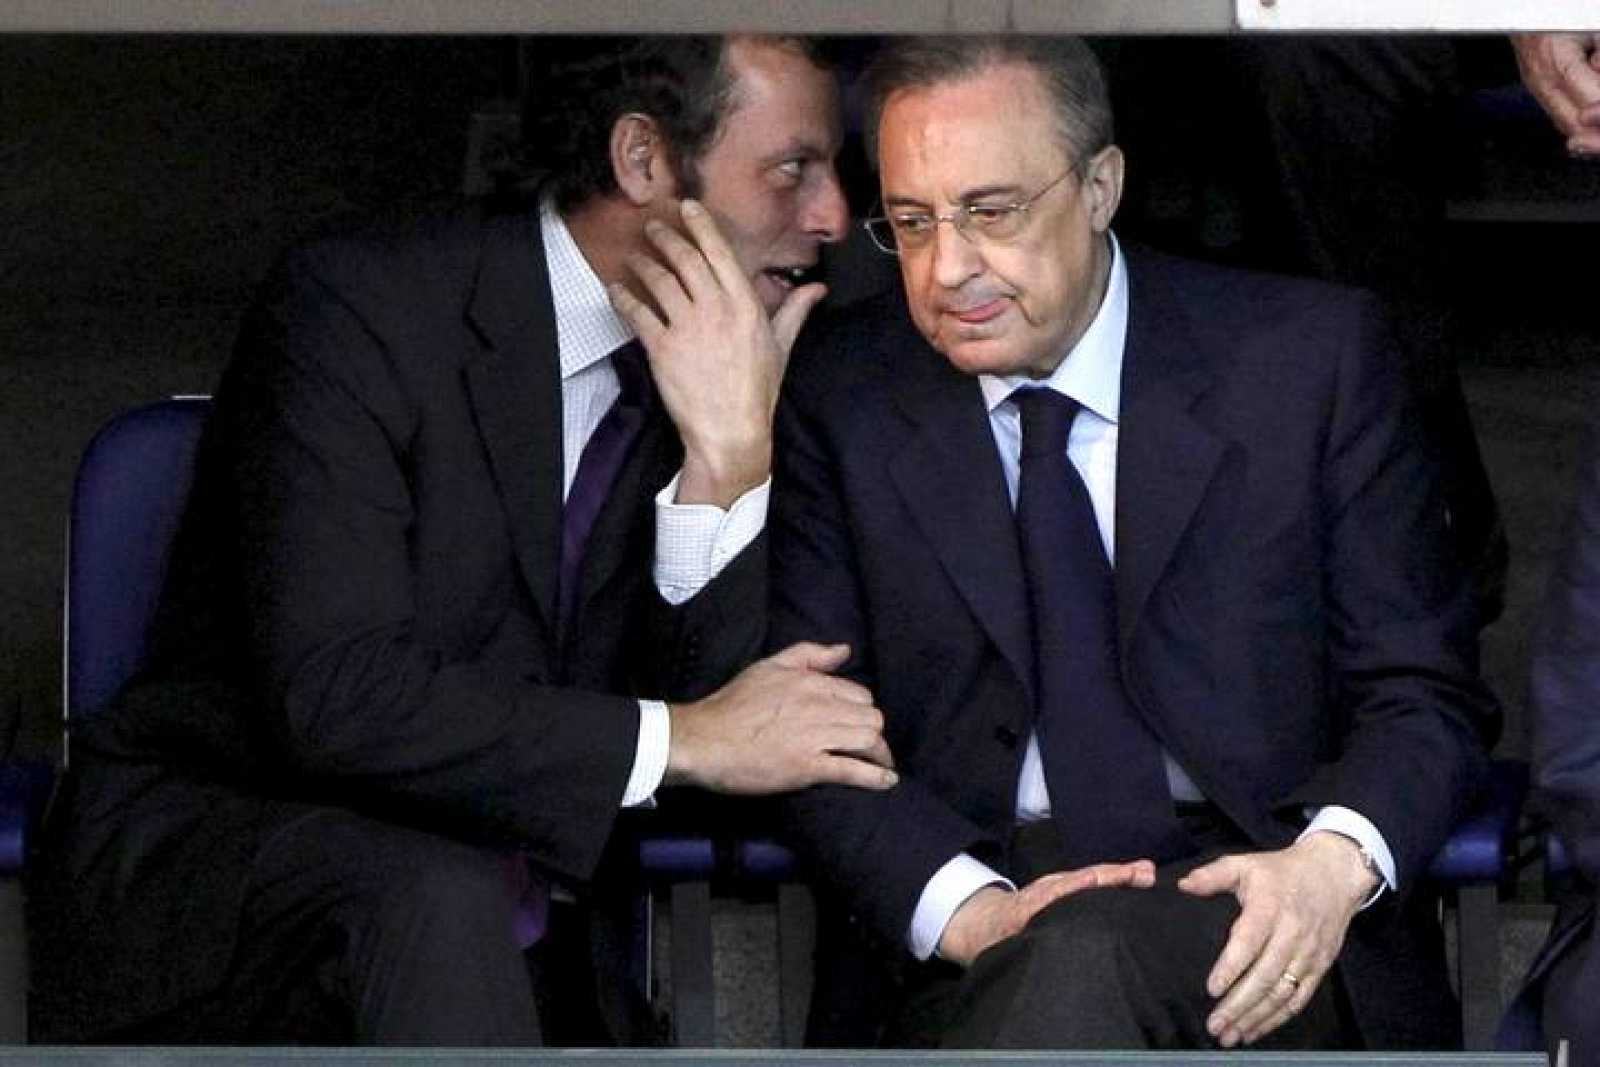 Los presidentes del Barça y el Madrid, Sandro Rosell y Florentino Pérez